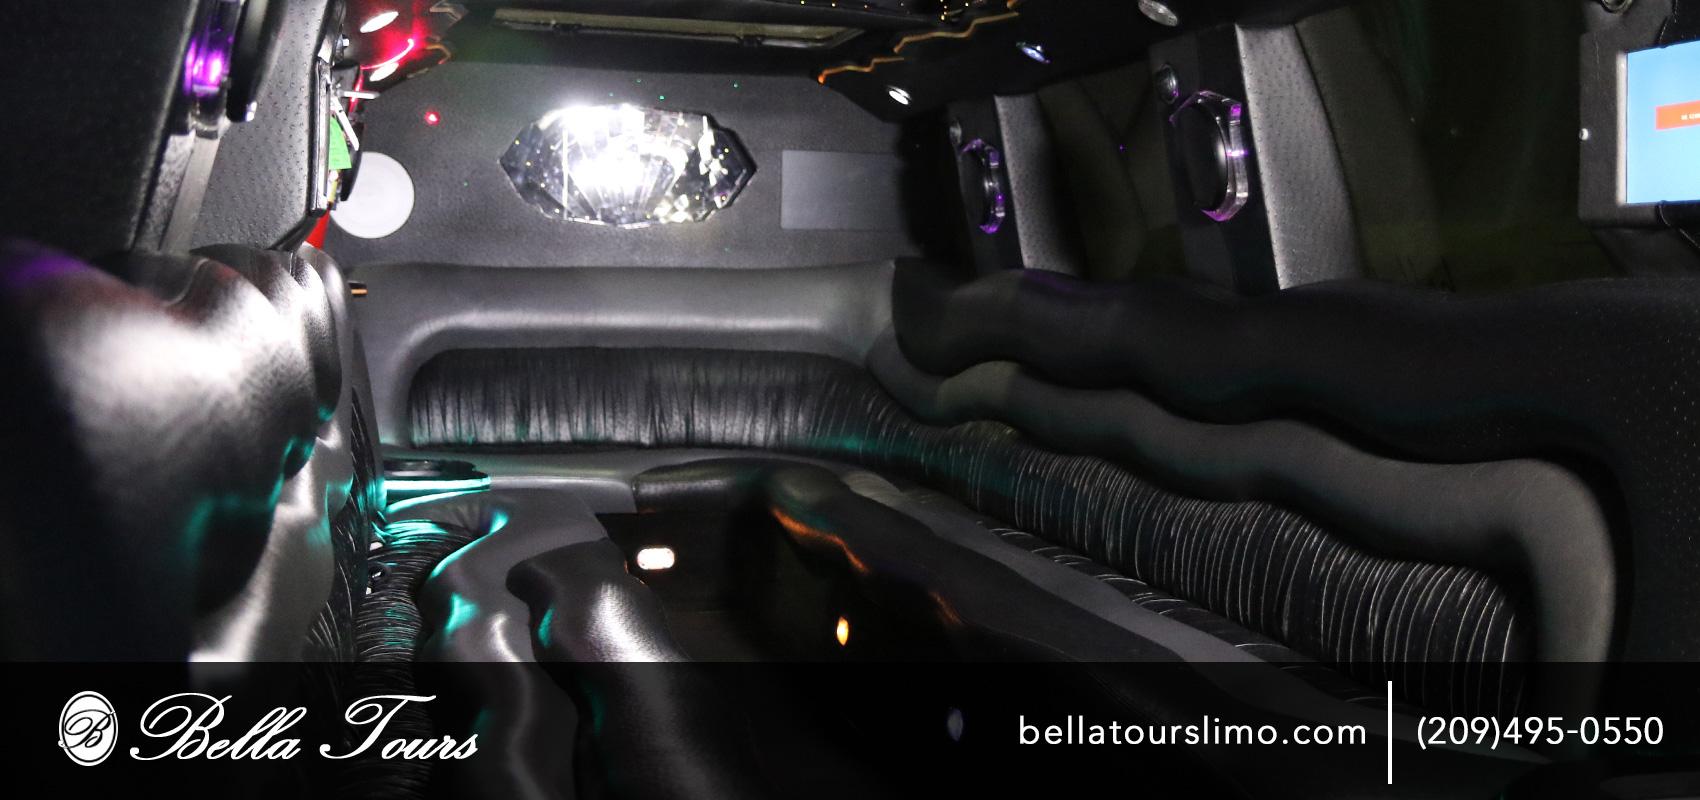 Bella Tour Escalade Interior